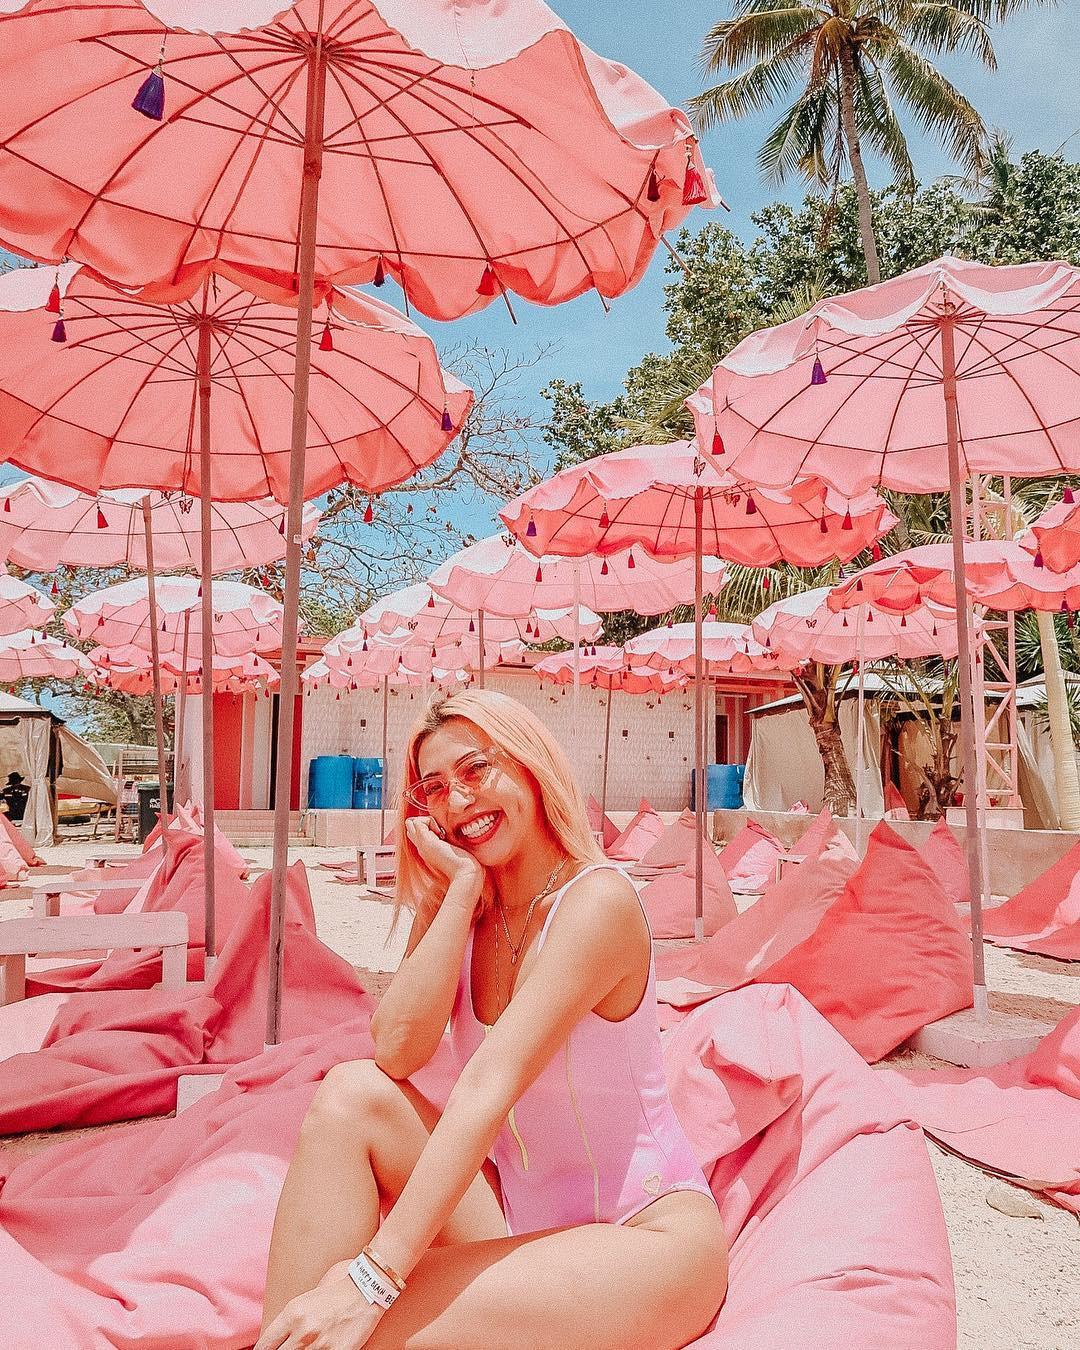 Ngất lịm với hàng trăm góc sống ảo xịn xò tại công viên phao nổi 7 sắc cầu vồng nổi tiếng nhất Philippines - Hình 9